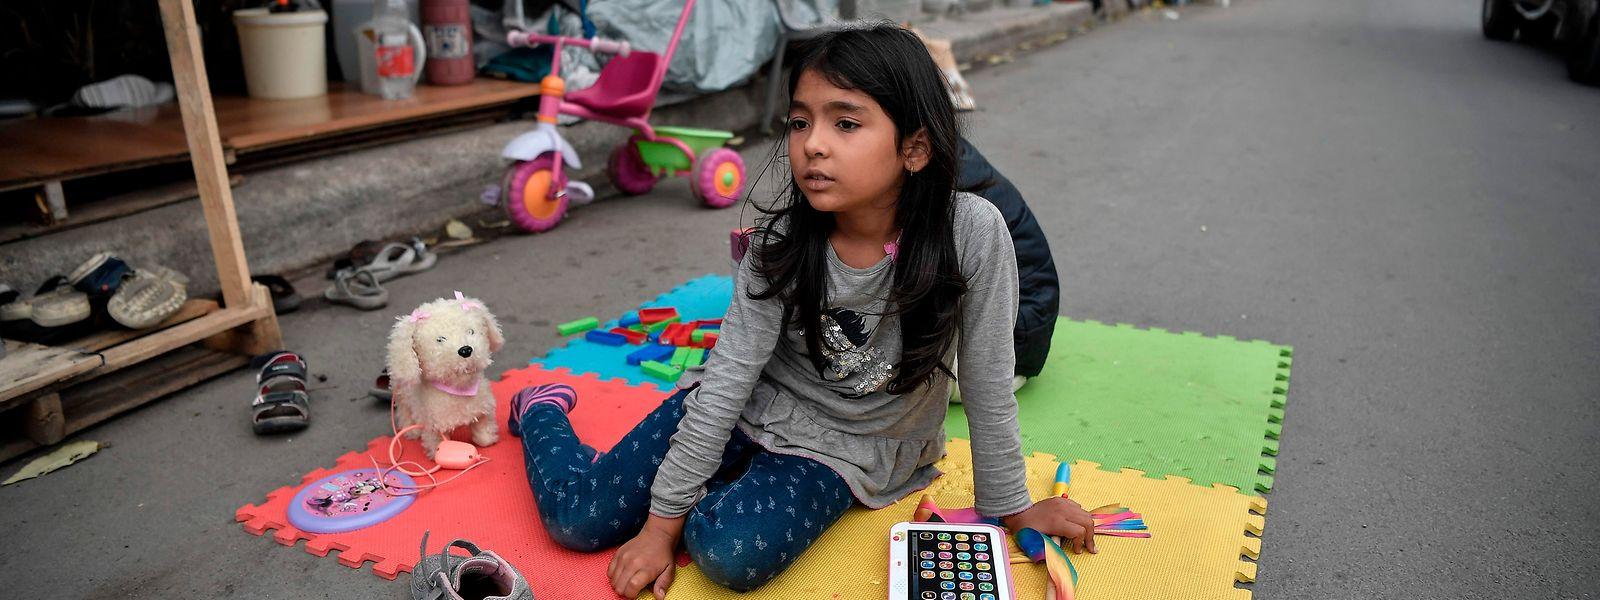 Ein afghanisches Flüchtlingskind in einem Camp in Athen.